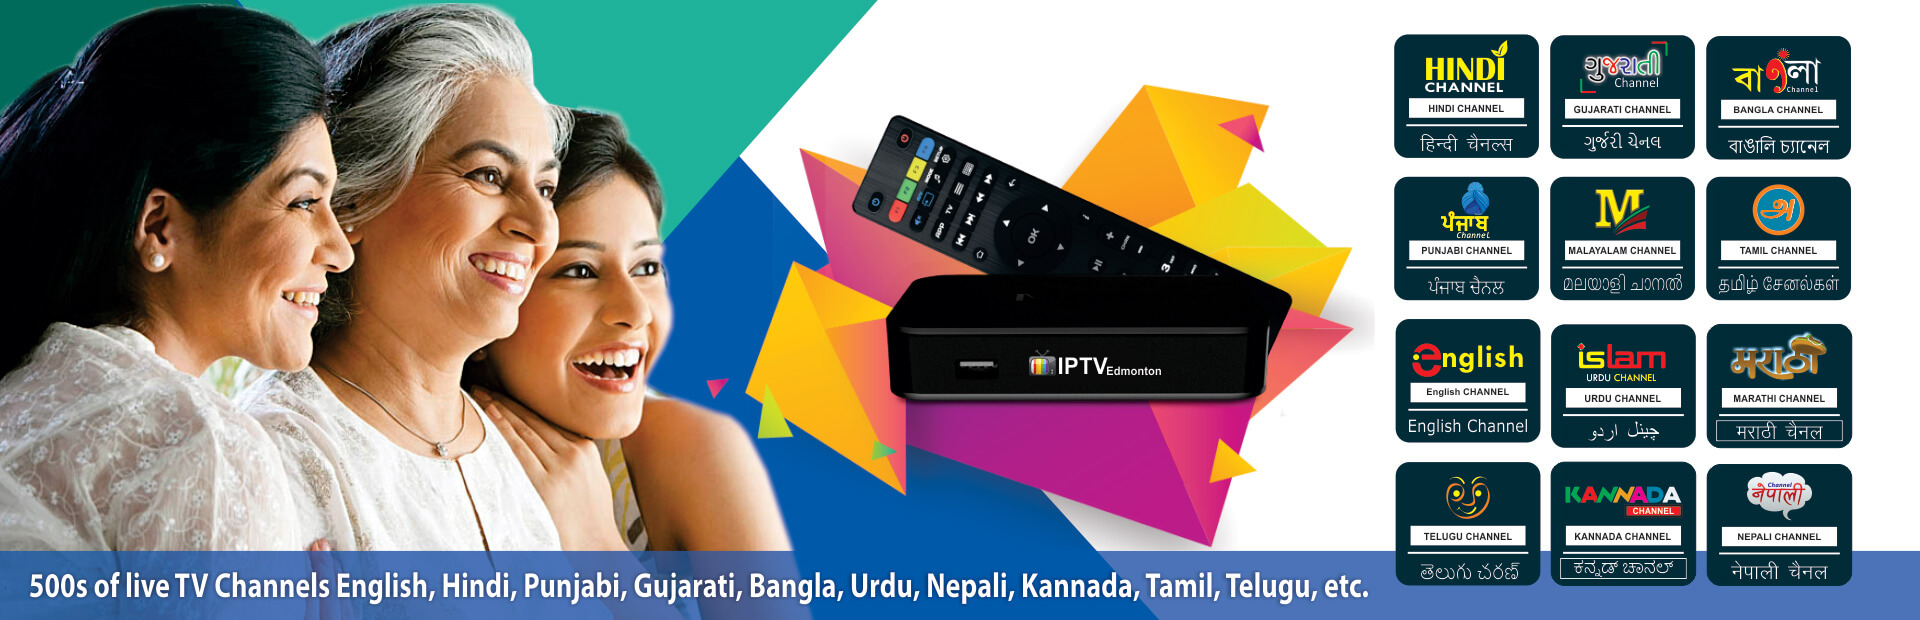 Edmonton IPTV : 500 Live Regional Channels Hindi, Tamil, Malayalam